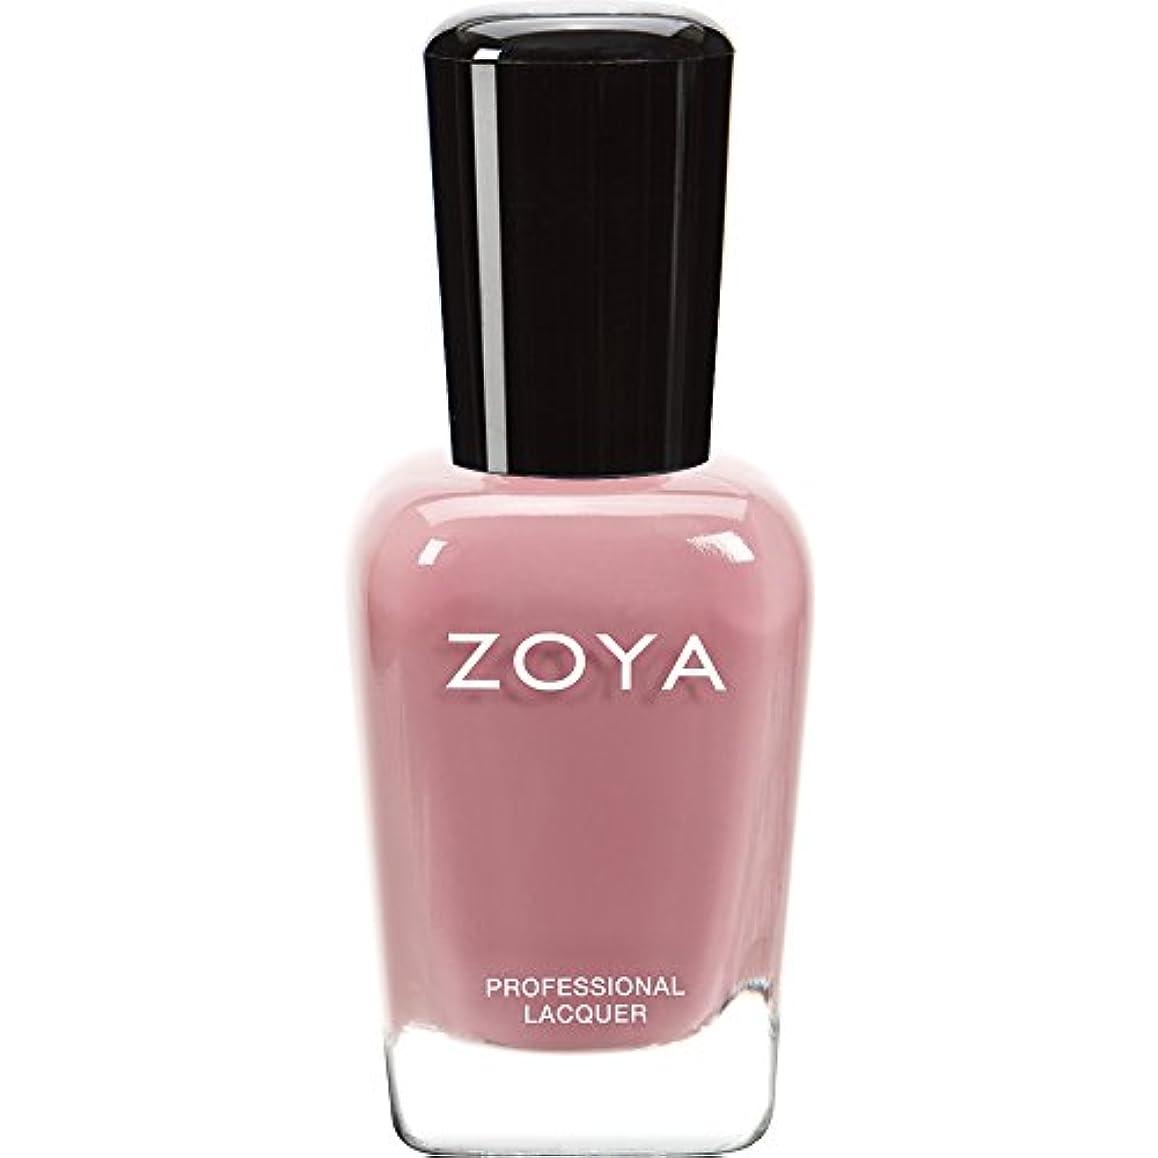 ZOYA ゾーヤ ネイルカラーZP707 BRIGITTE ブリジット 15ml  2014 NATUREL Collectionフェミニンで魅力的なヌードモーブ マット 爪にやさしいネイルラッカーマニキュア